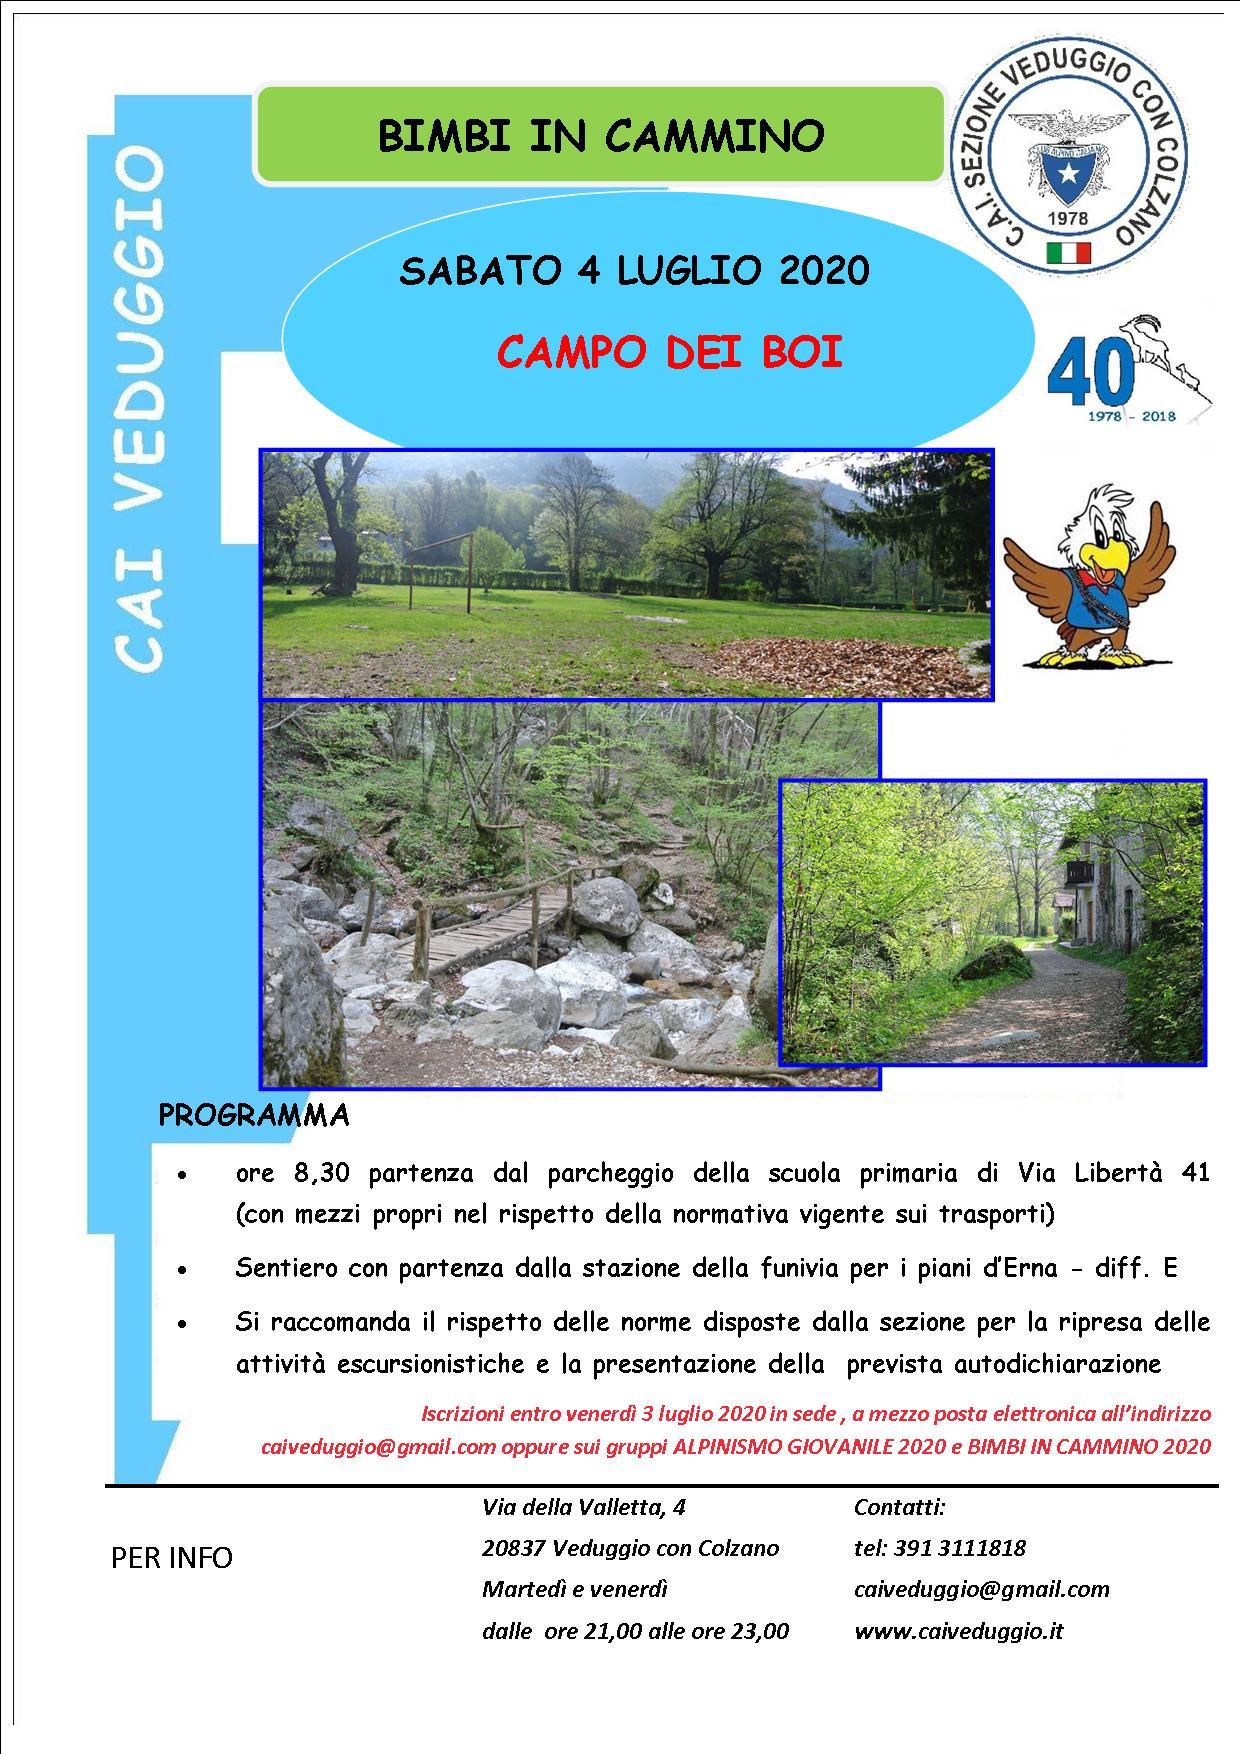 Sabato 4 luglio 2020 -Bimbi in cammino – Escursione al Campo dei boi